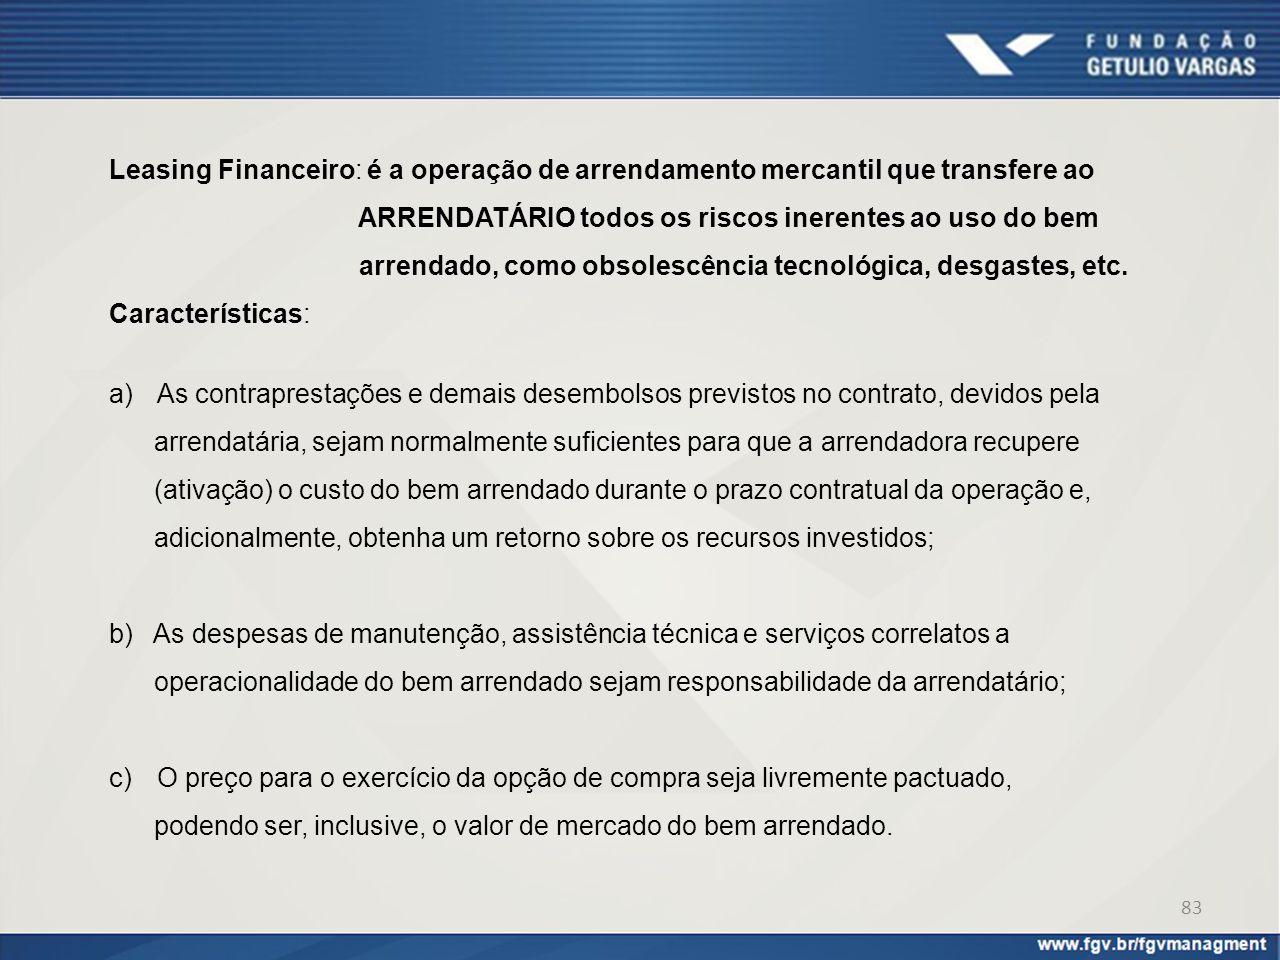 Leasing Financeiro: é a operação de arrendamento mercantil que transfere ao ARRENDATÁRIO todos os riscos inerentes ao uso do bem arrendado, como obsol